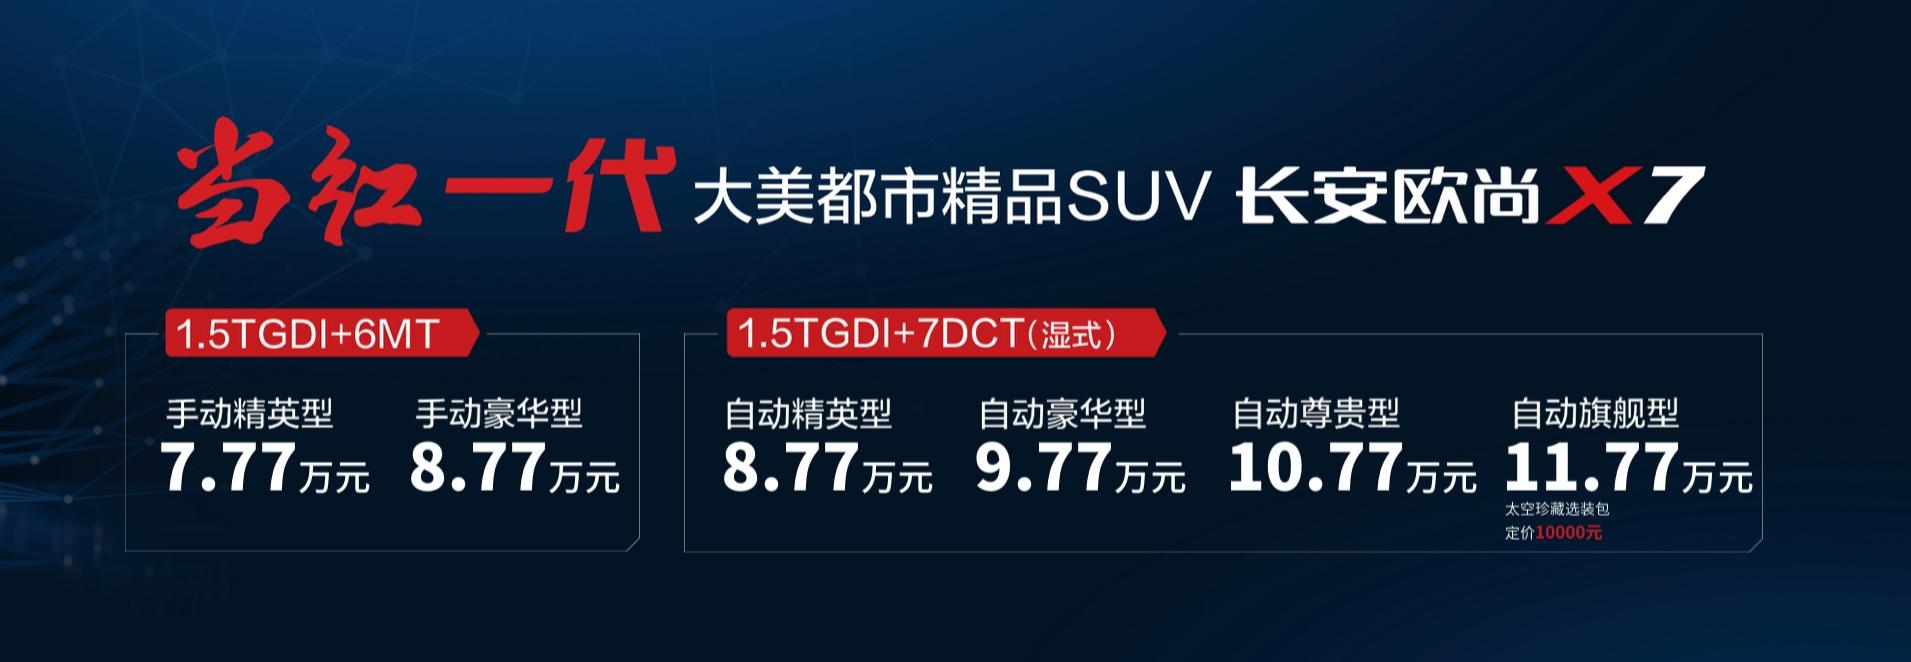 售�r7.77-11.77�f元 �L安�W尚X7正式上市 汽�殿堂